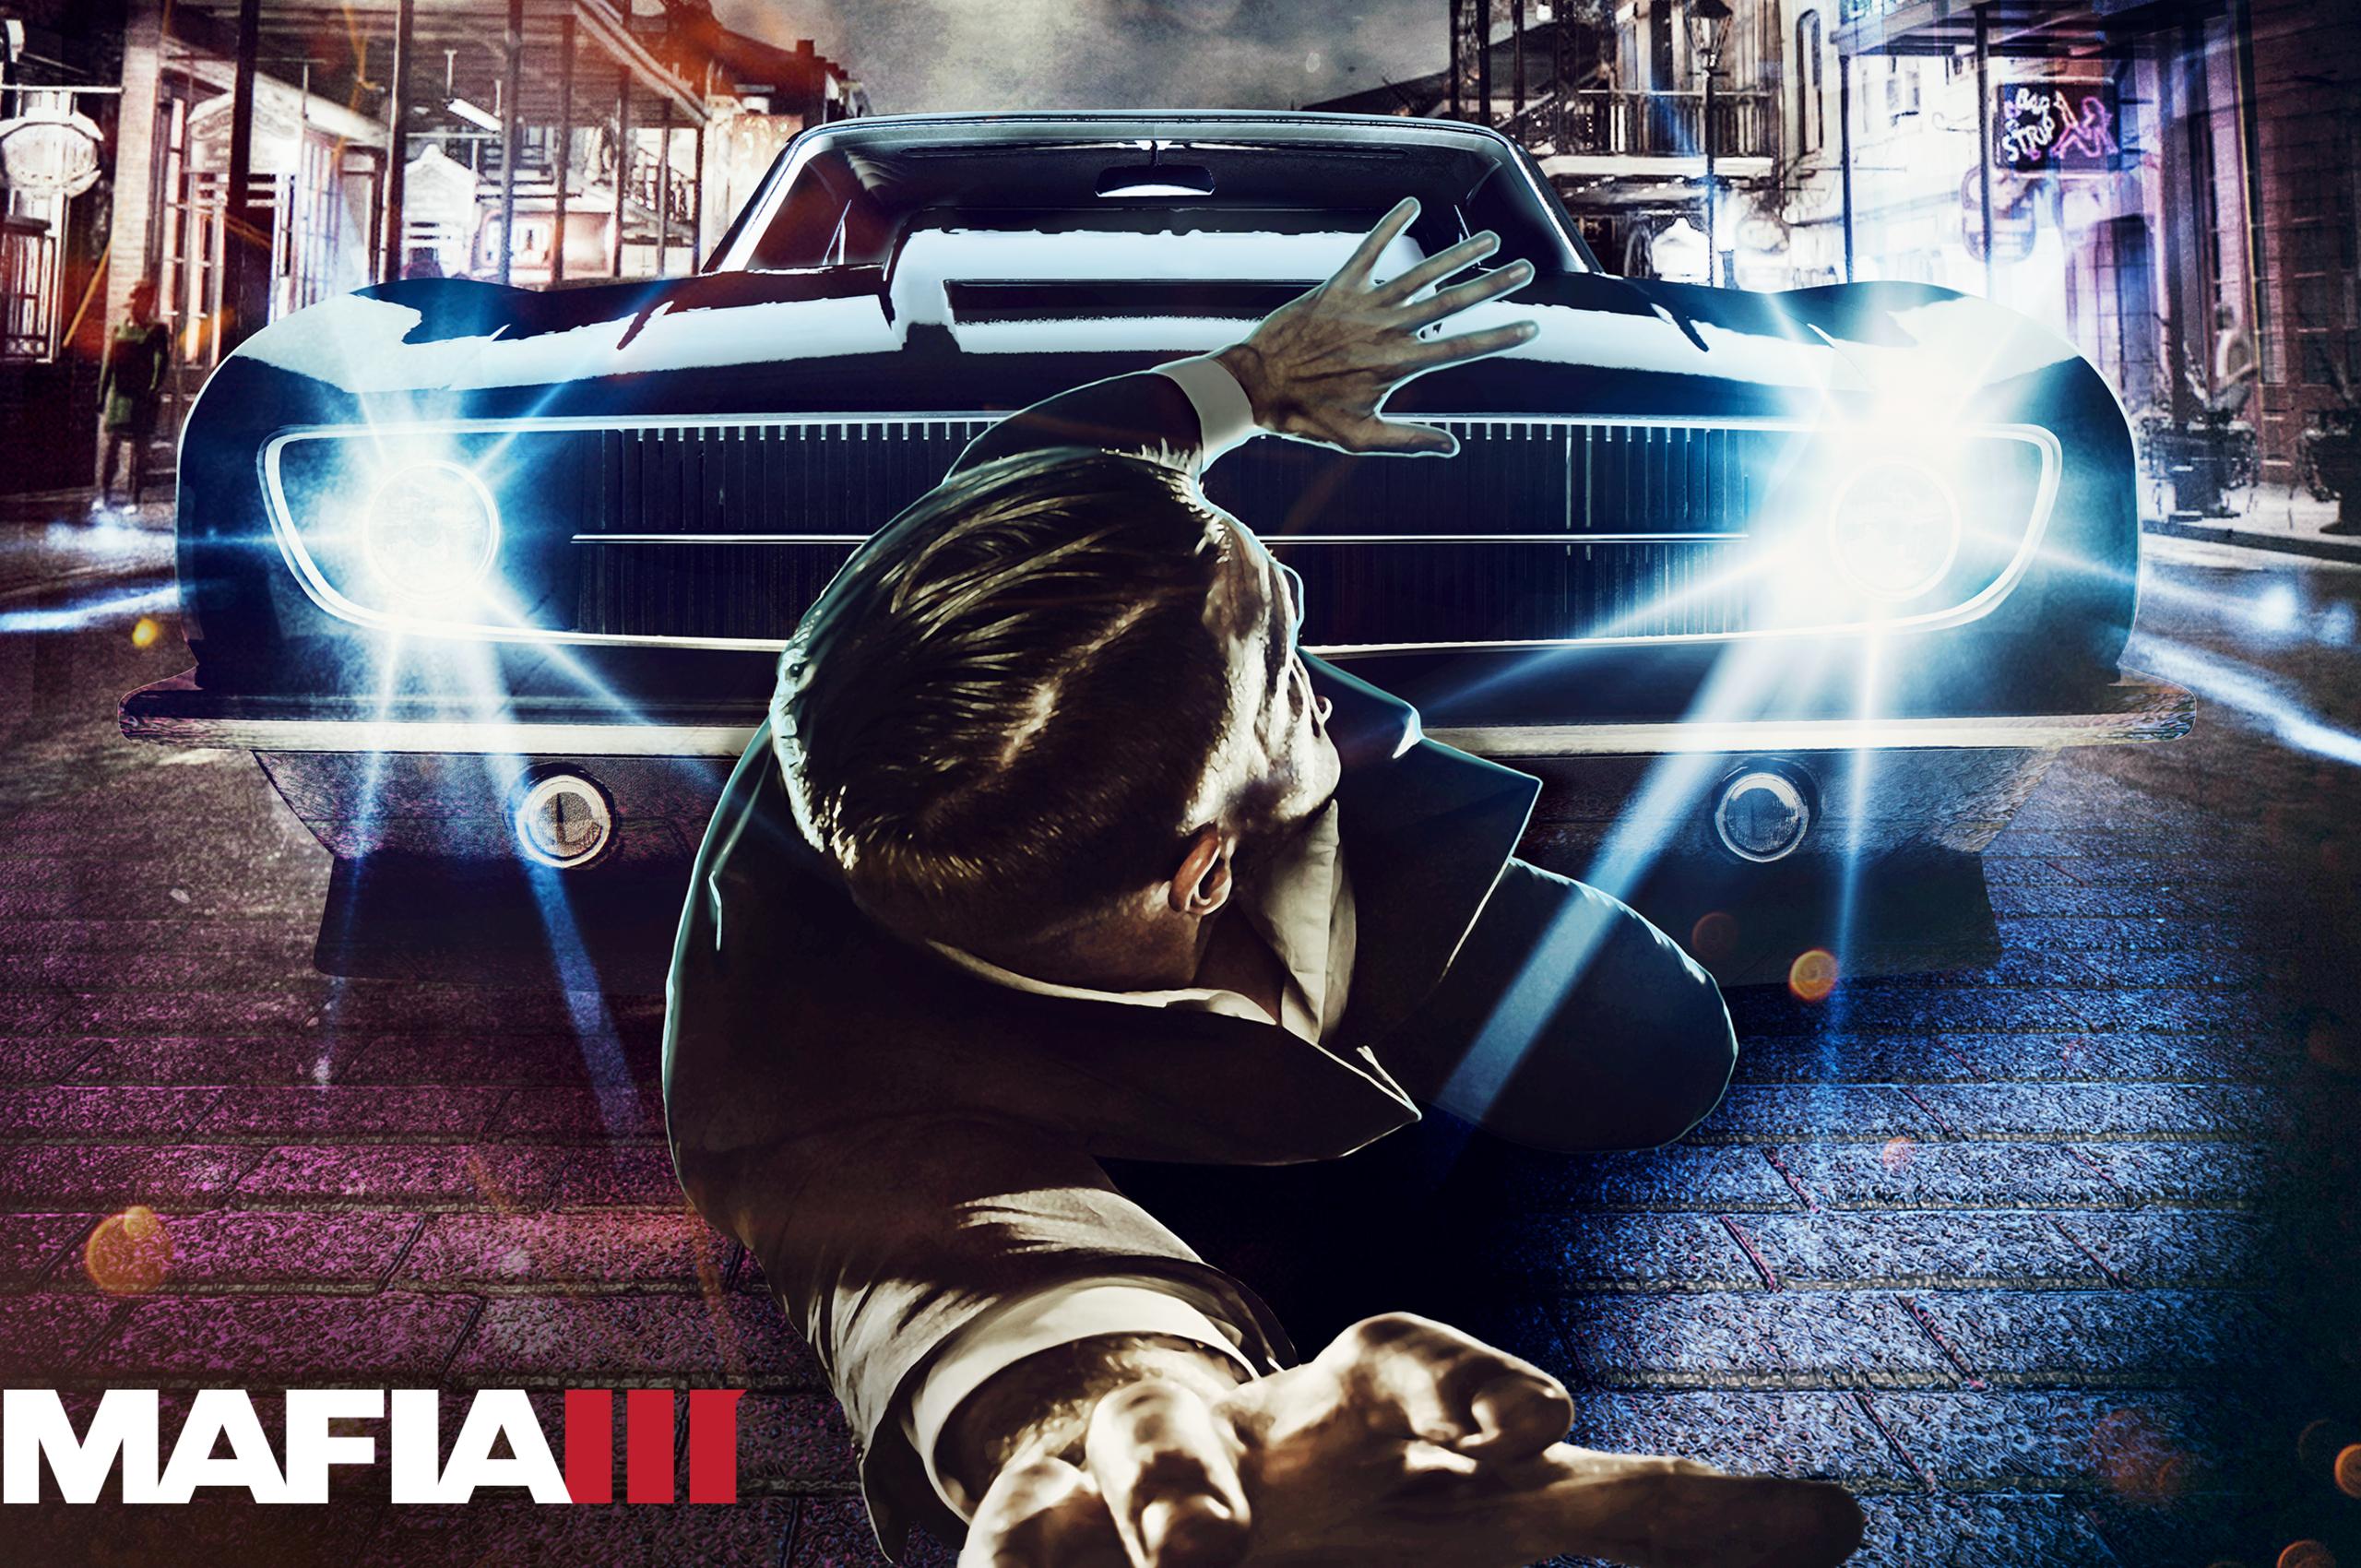 mafia-iii-qhd.jpg